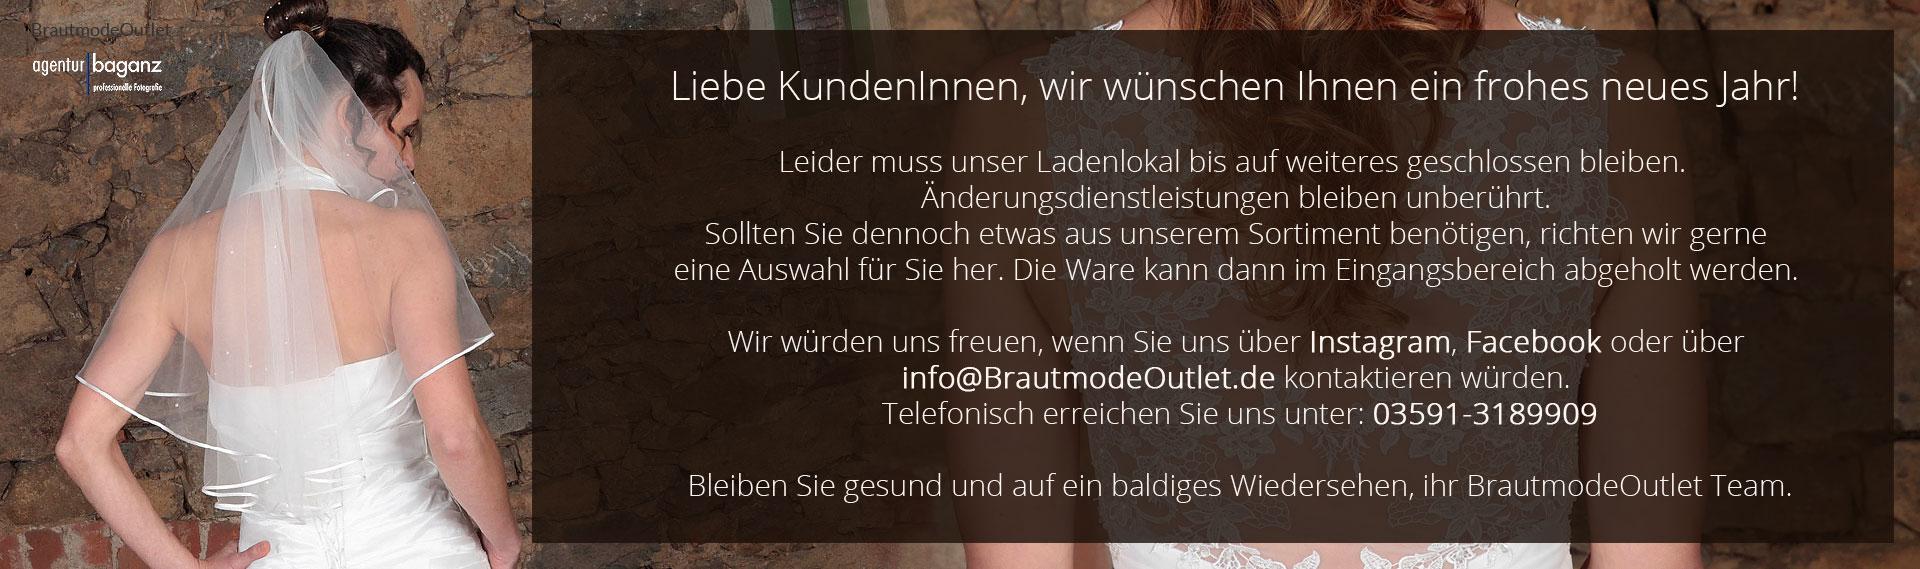 brautmodeoutlet bautzen - brautmode-discount.de capitain